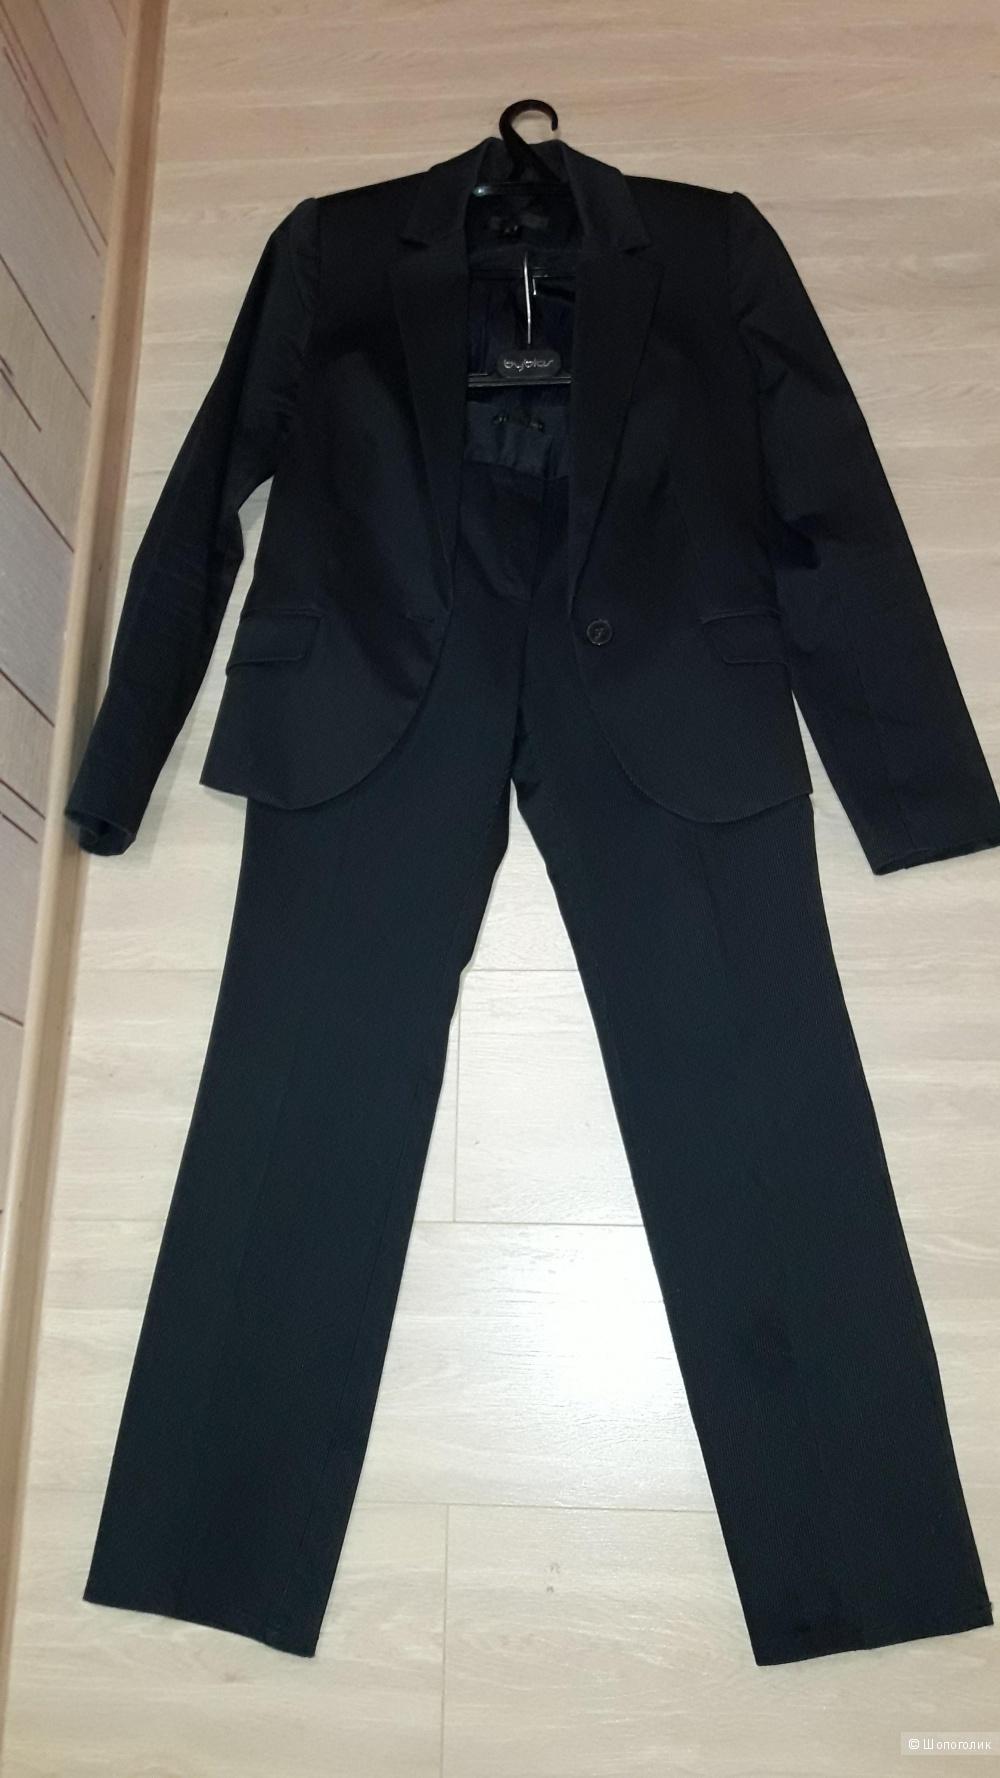 Брючный костюм Mango 44 размера